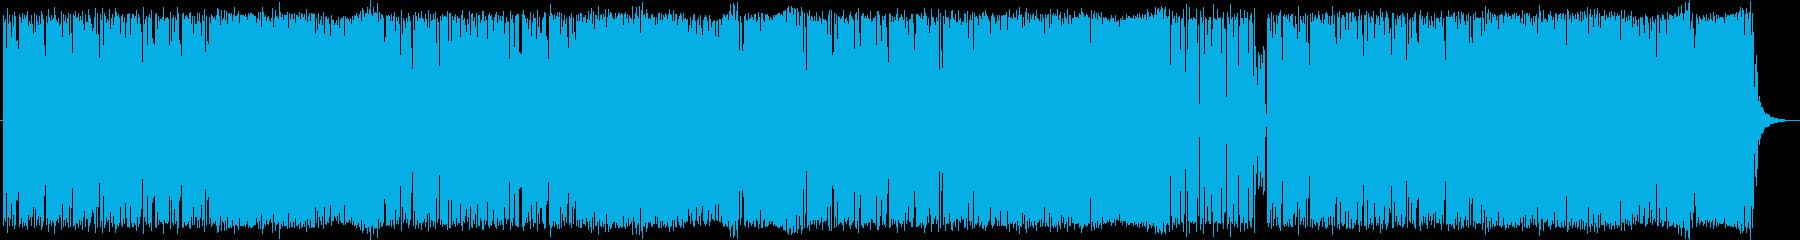 ジャジーとポップのミックス。電子。の再生済みの波形